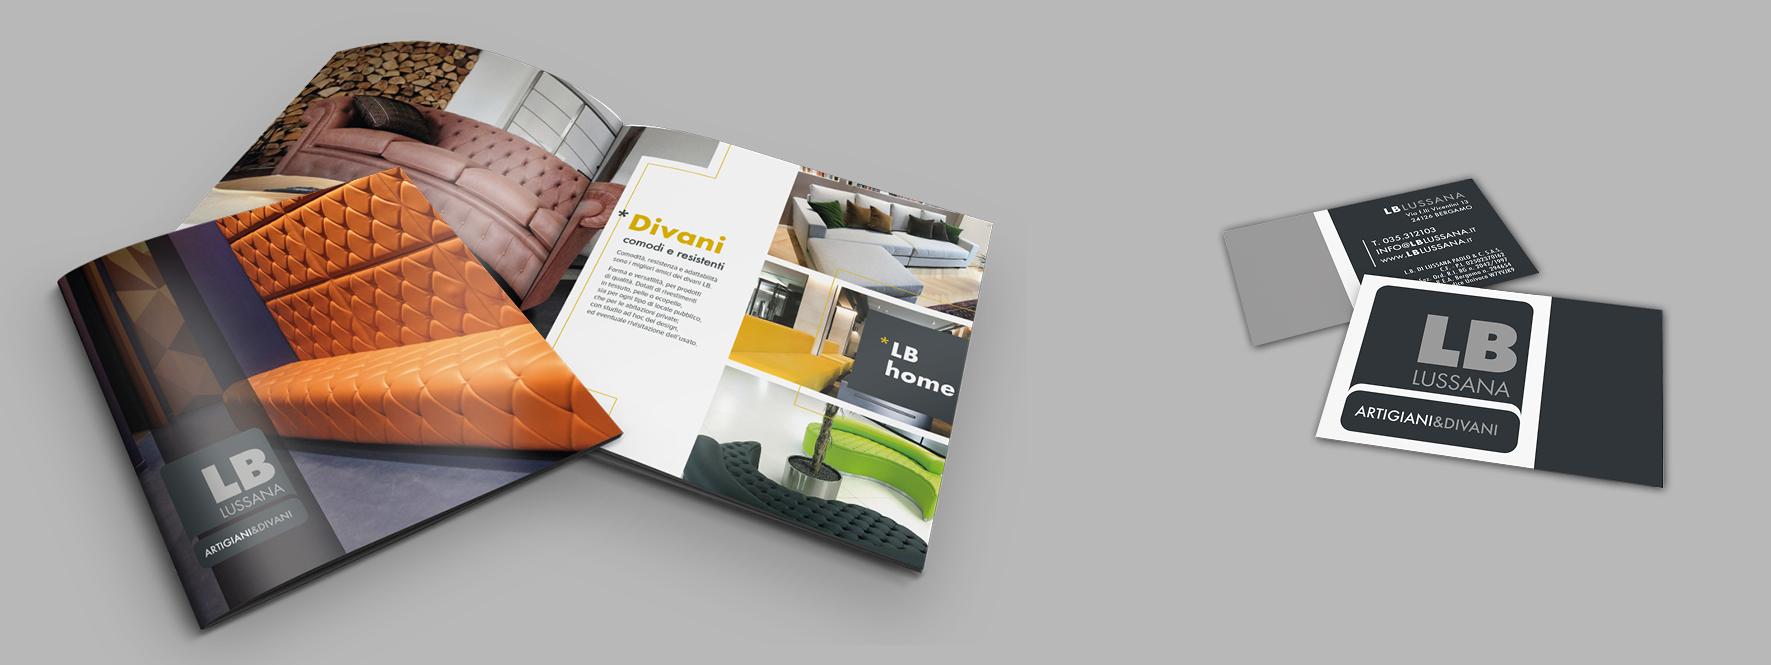 Strategie di comunicazione e digital marketing: Strumenti di comunicazione e di vendita per LB LUSSANA